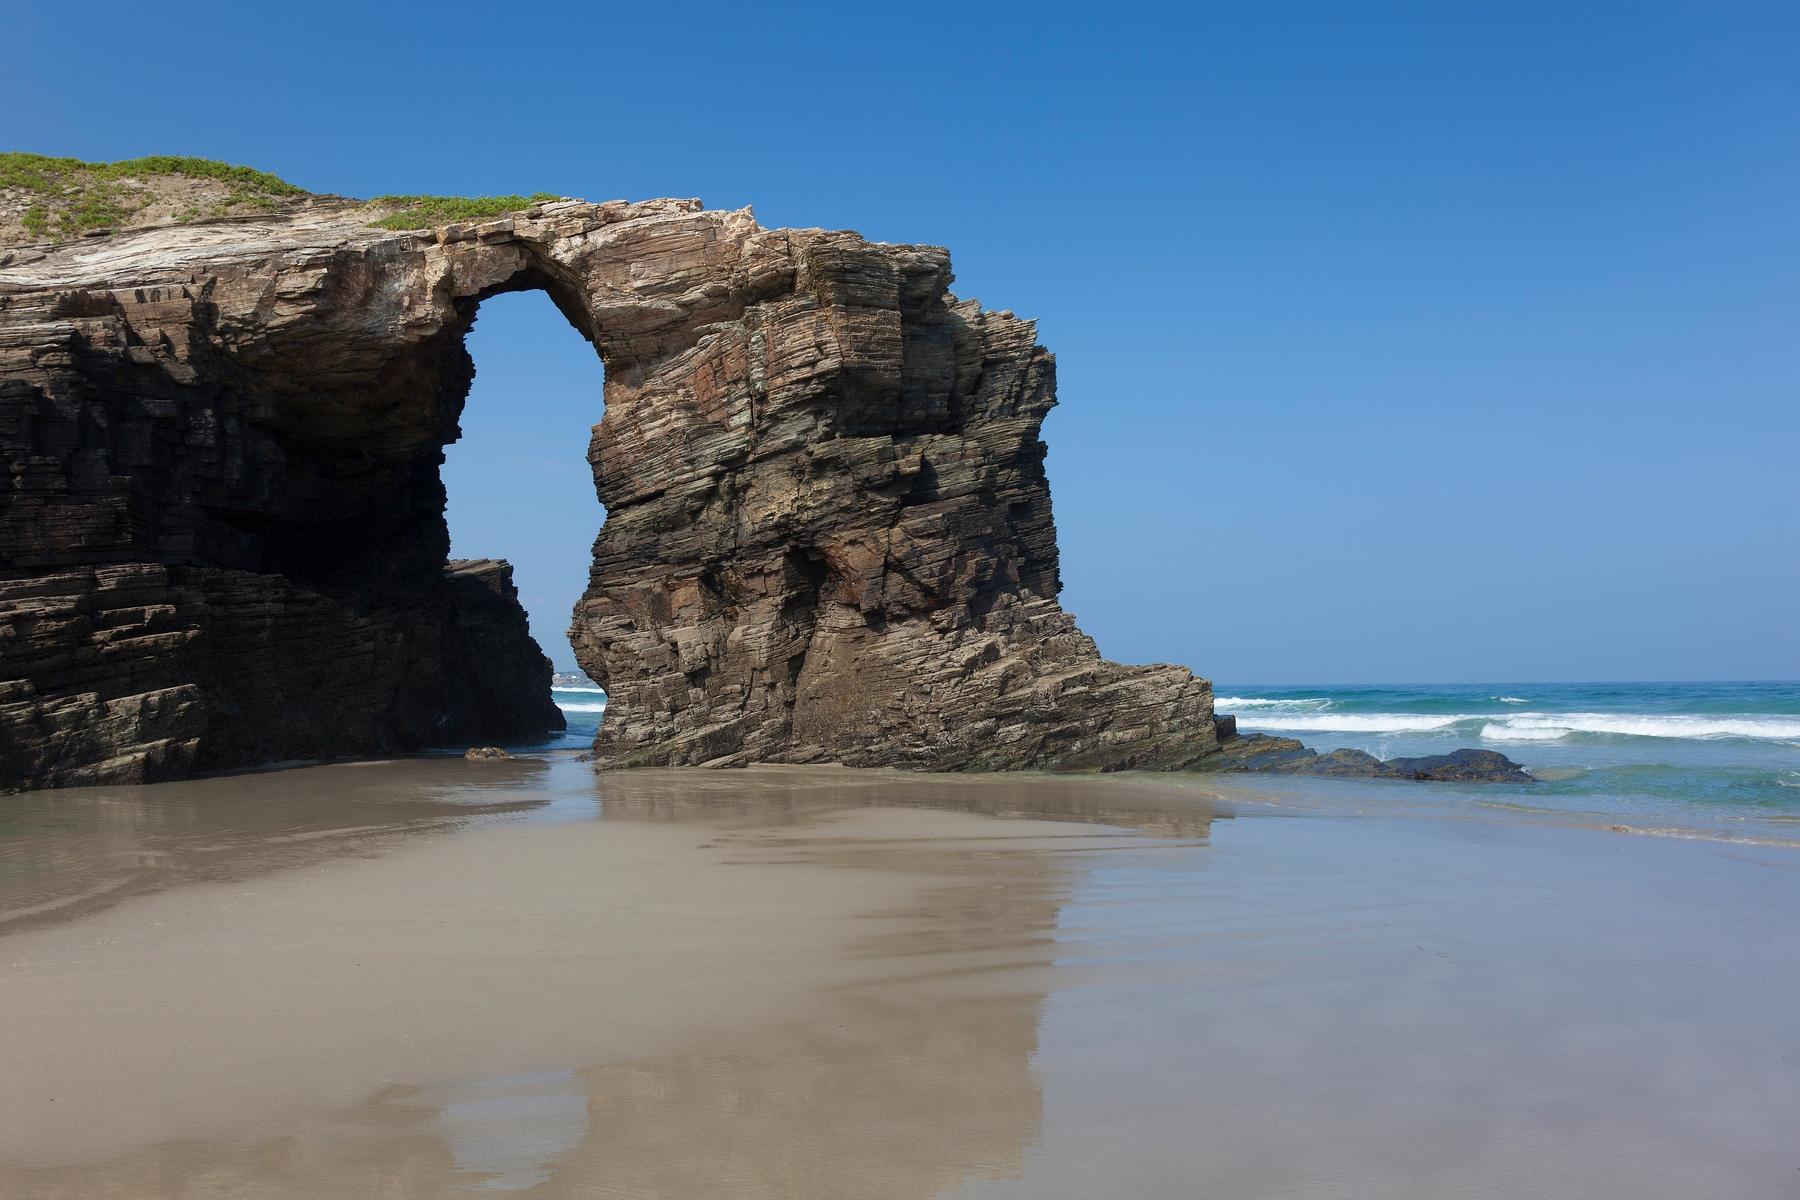 La playa paradisíaca de Las Catedrales, en Galicia